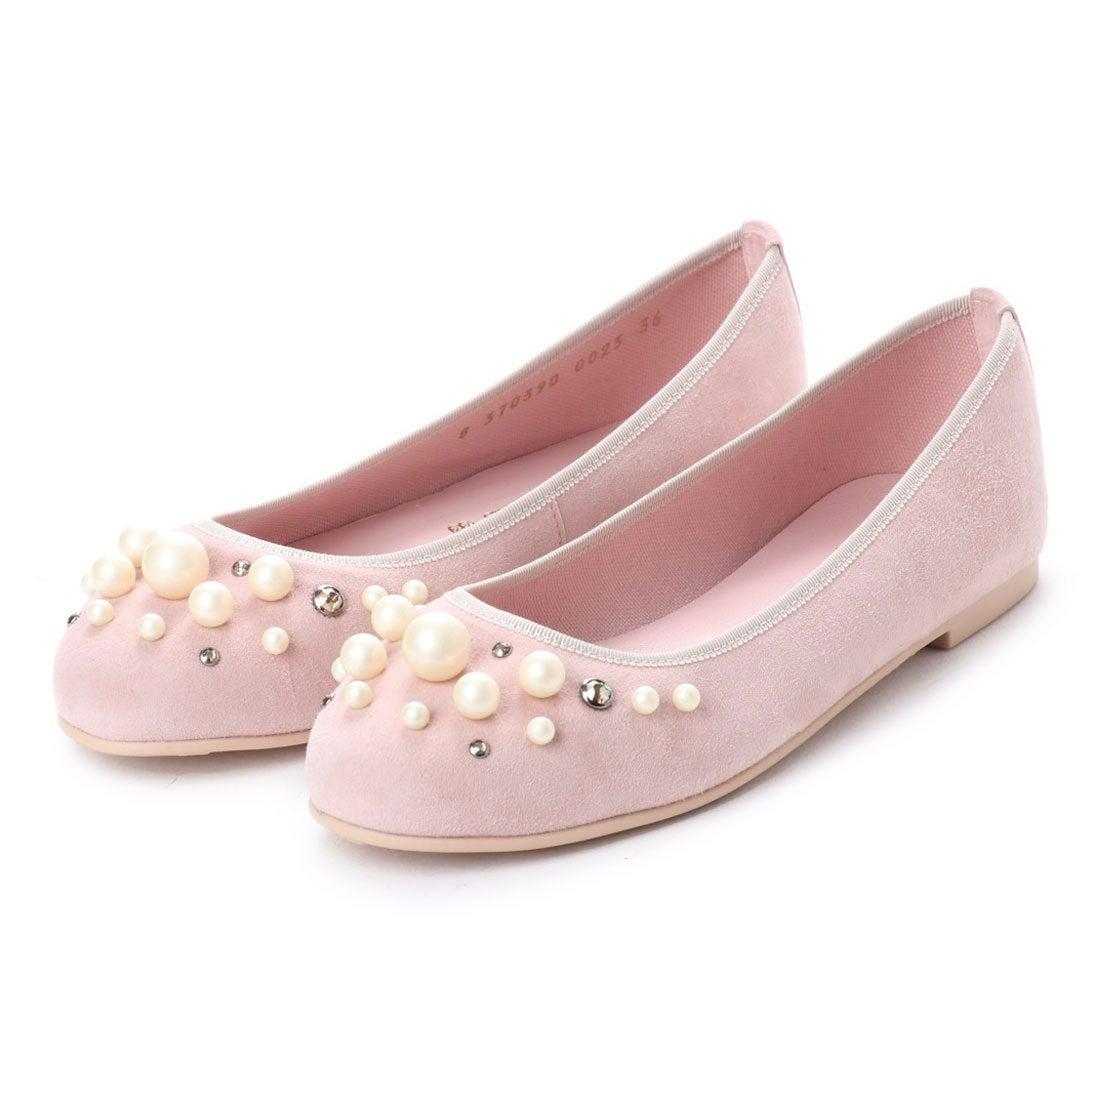 プリティ バレリーナ PrettyBallerinas MARILYN suede-pearls(マリリン スエードパール)バレエシューズ (ROSA) レディース